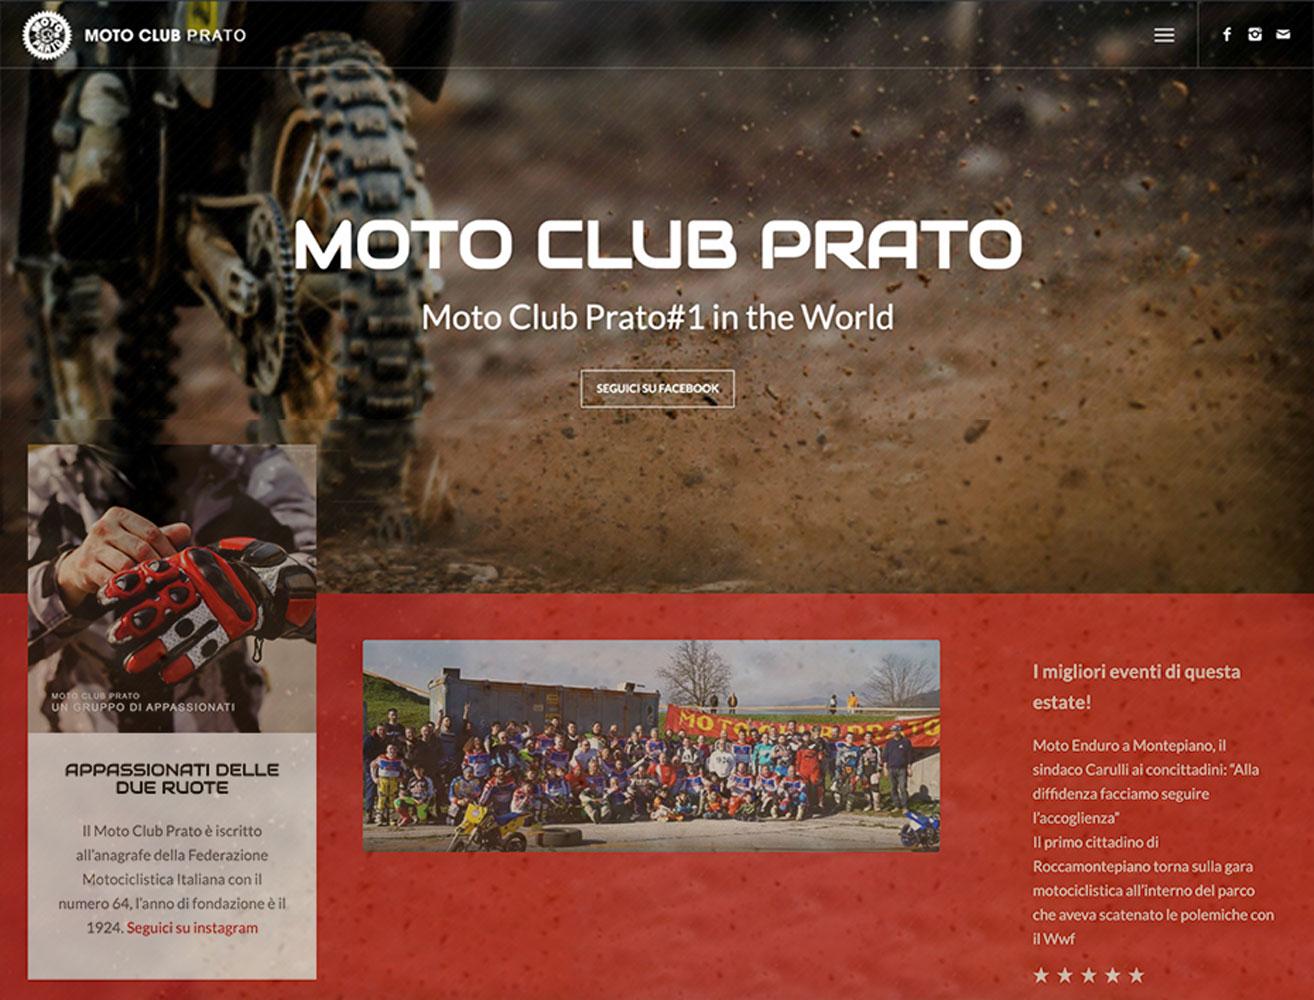 Asiweb Design: realizzazione siti web a Prato, e-commerce, web marketing